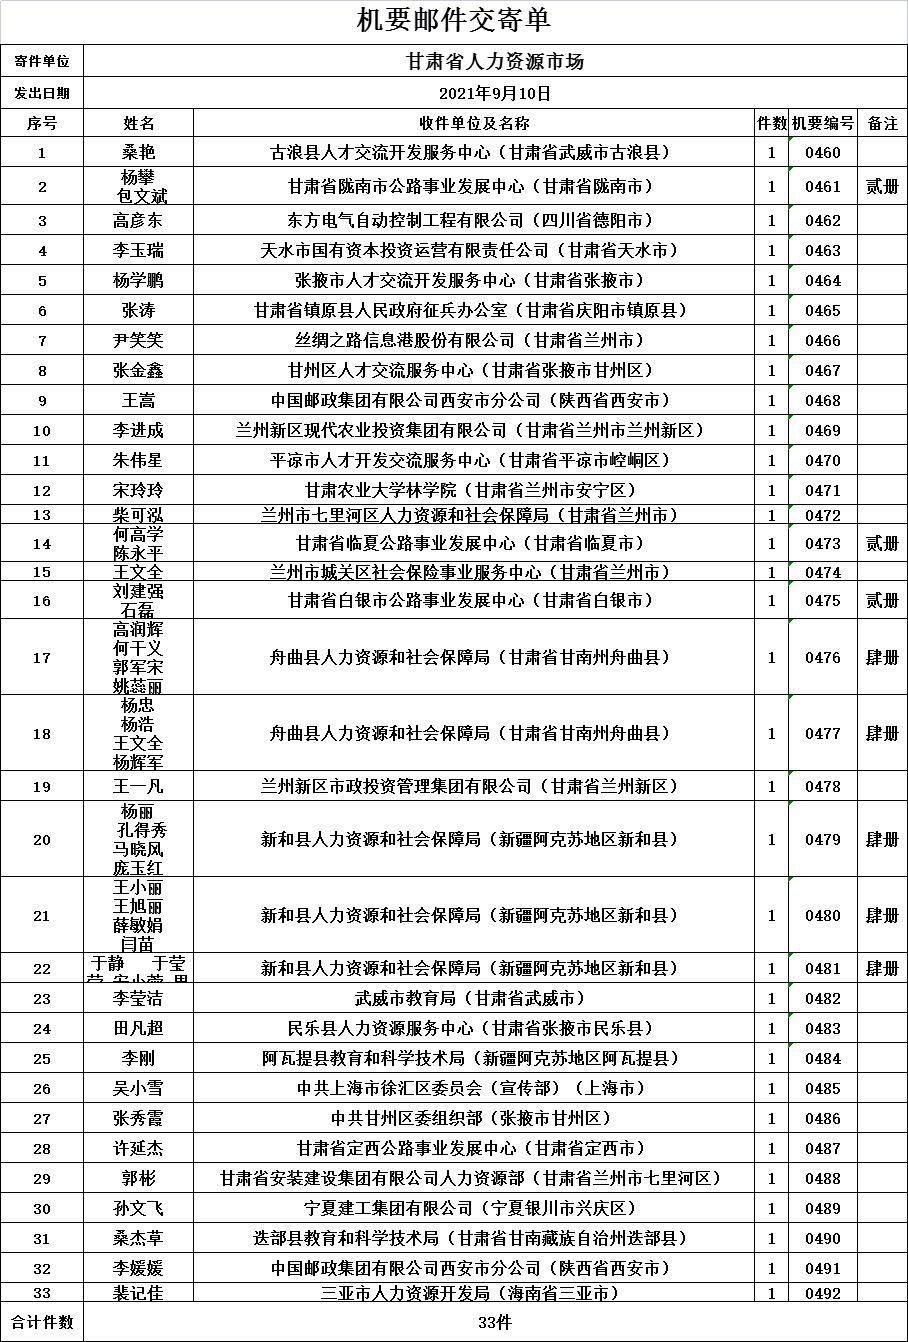 2021年9月10日甘肃省人力资源市场档案转递机要邮件交寄单.png